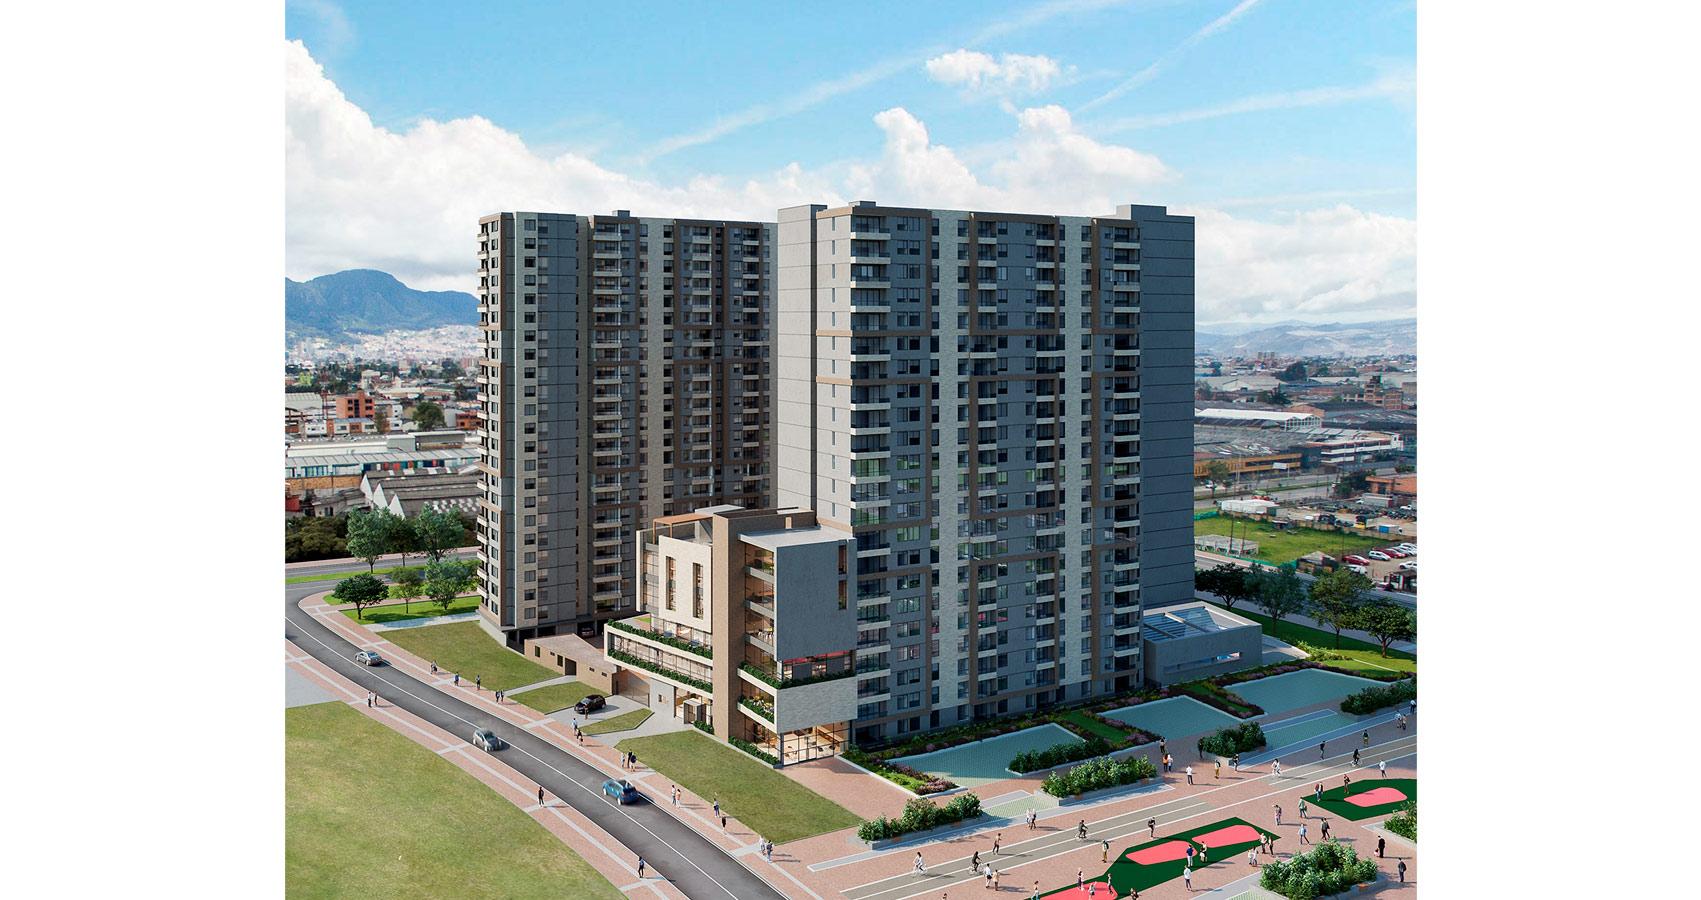 Austro proyecto de vivienda en Montevideo, Constructora Bolivar